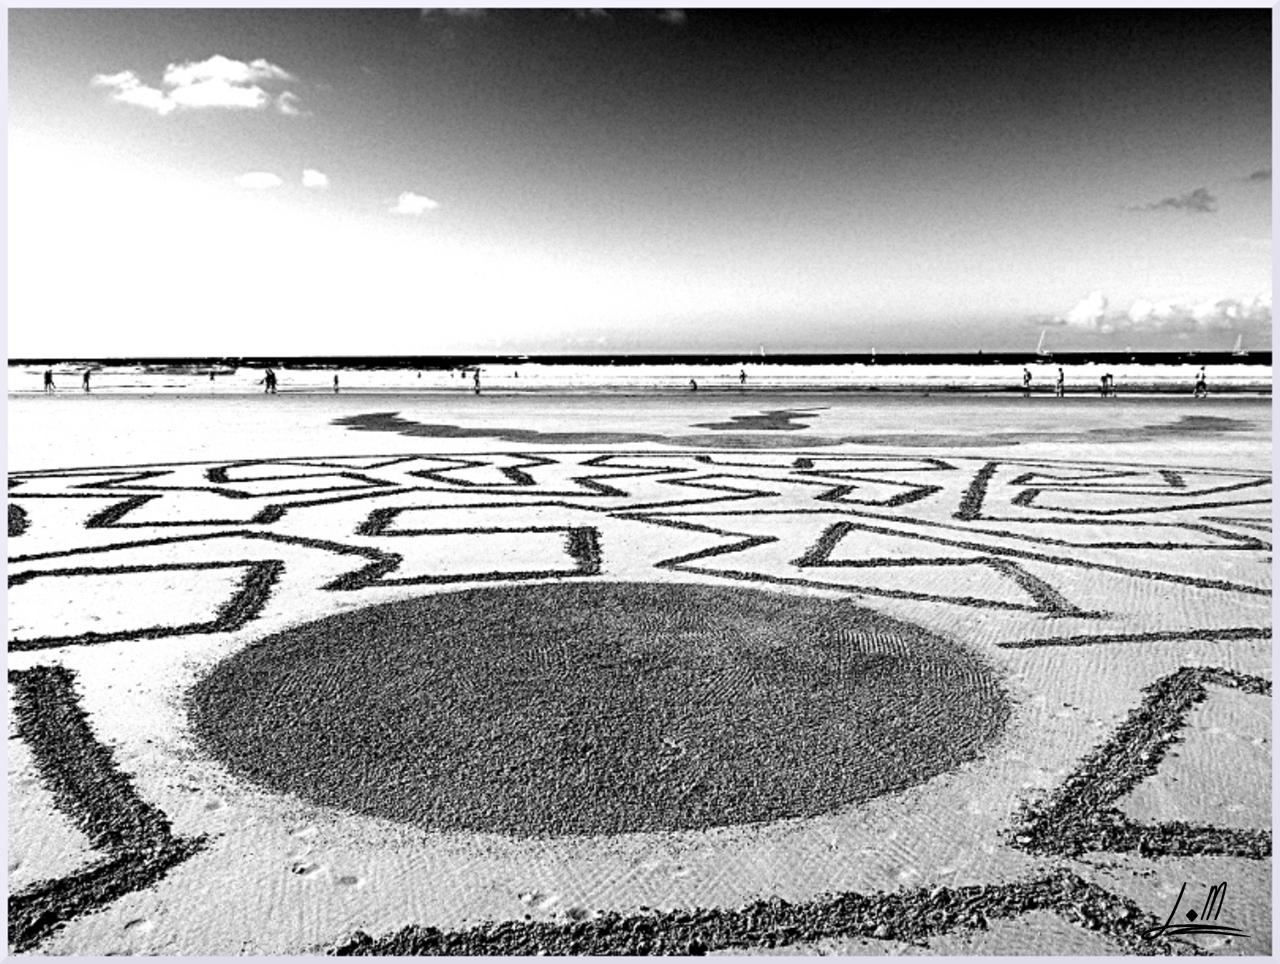 Fresque Beach art Un instant dans le vent, Michel Jobard